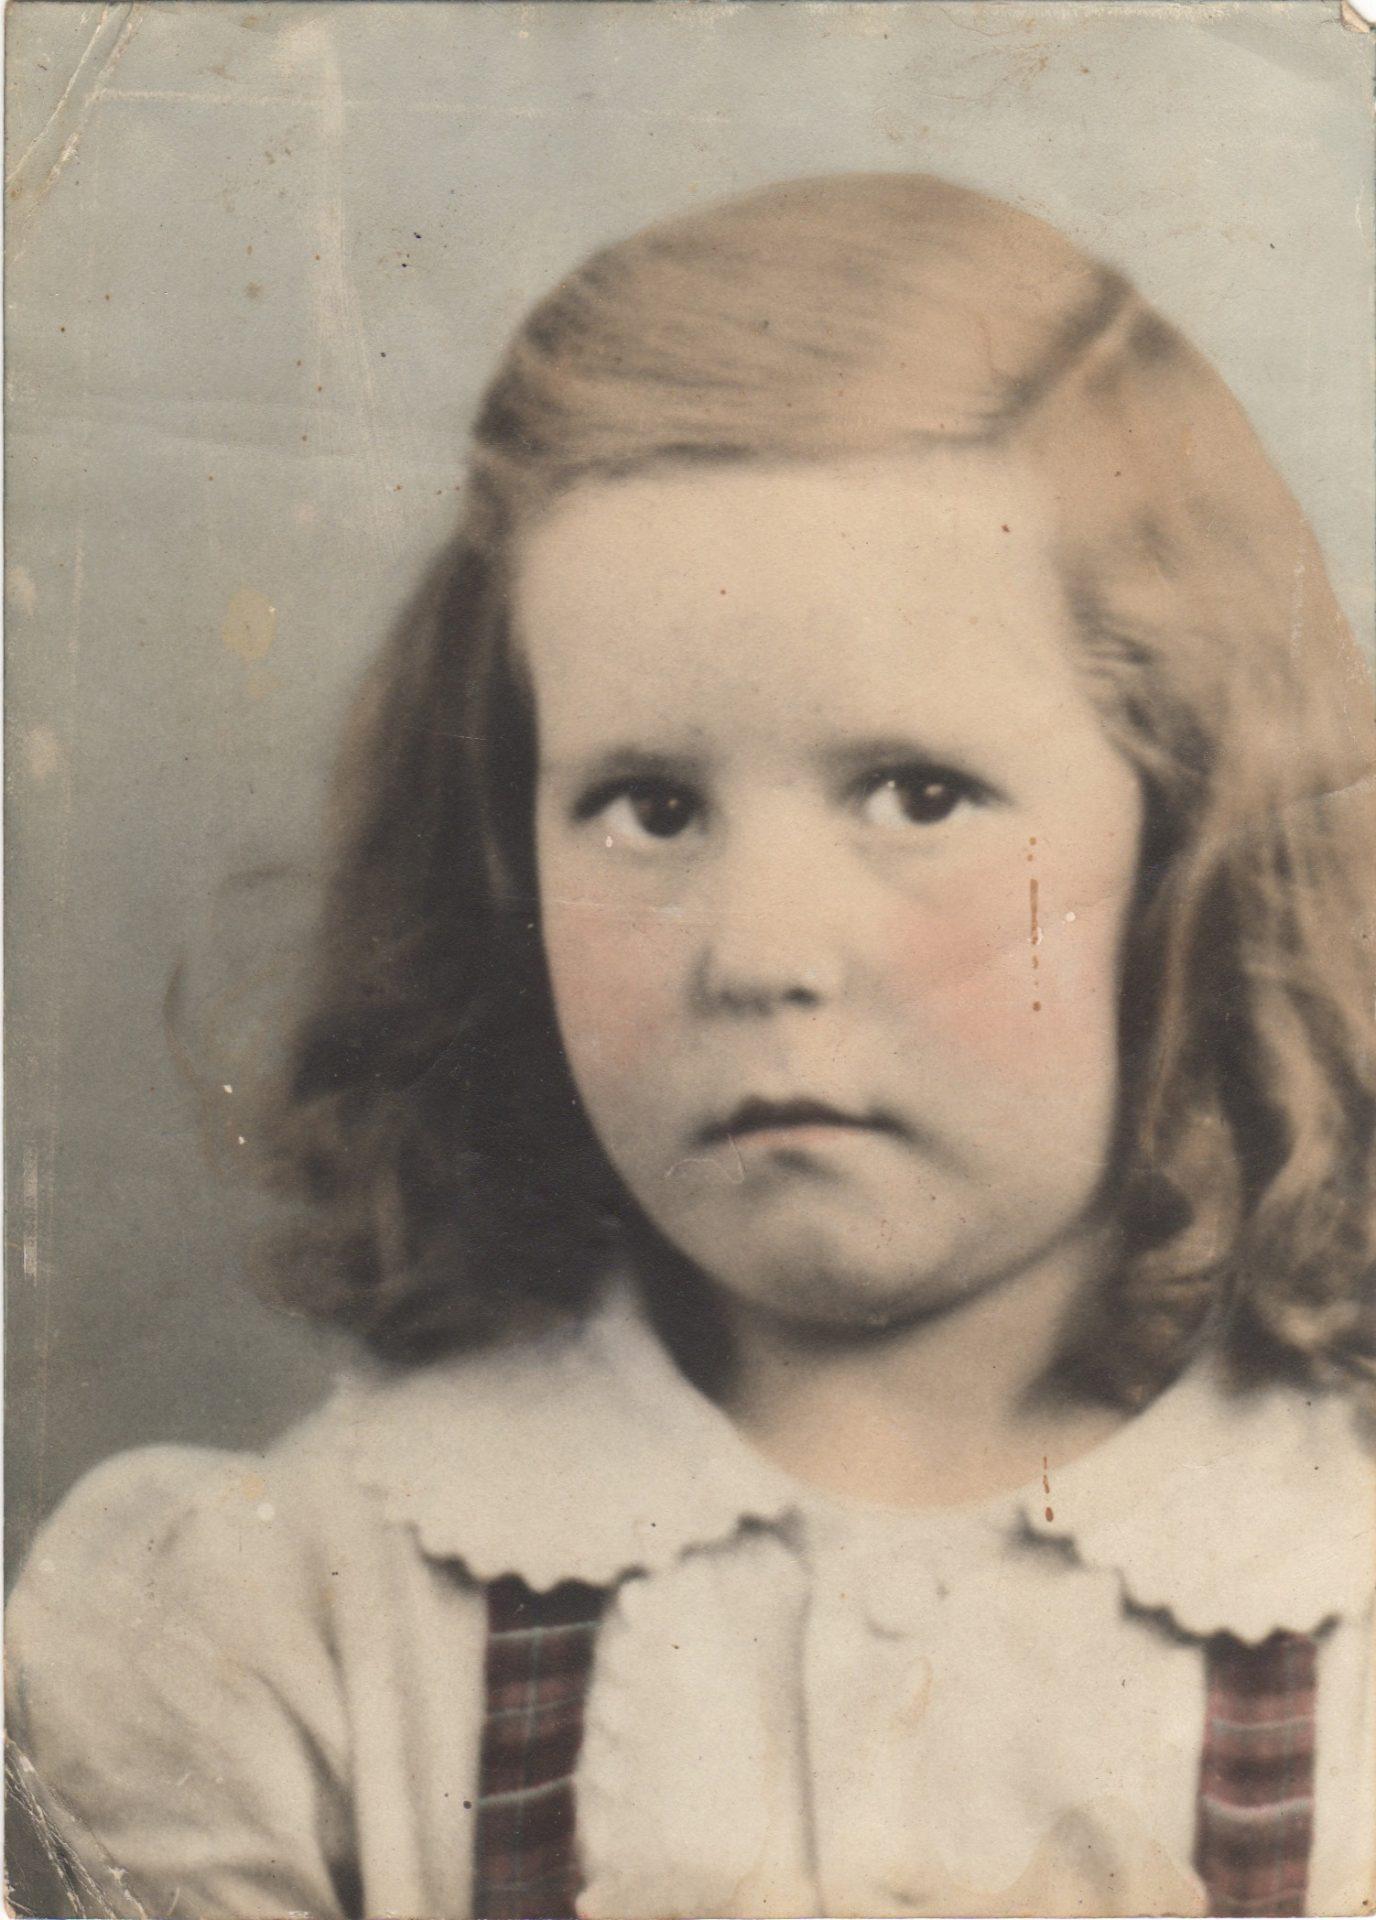 1941 - First Grade